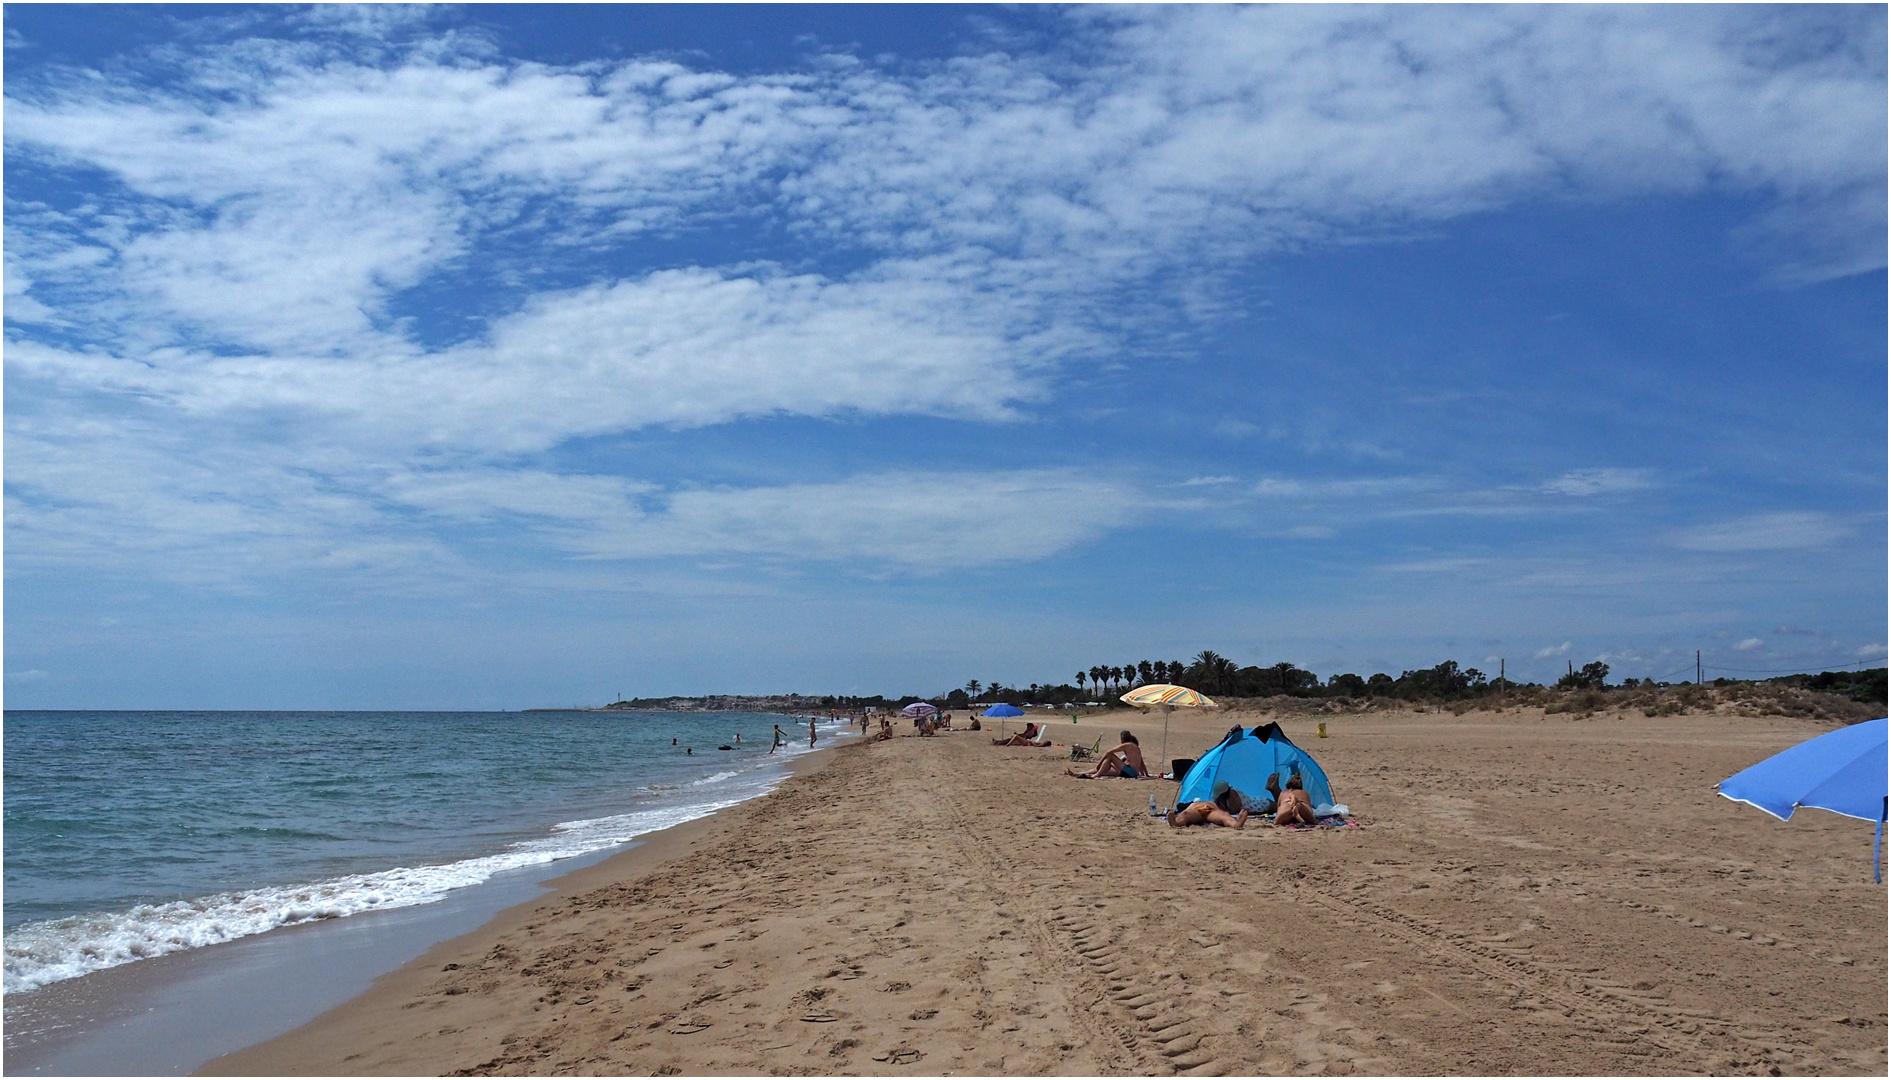 Une plage de la Costa Dorada au sud de Cambrils